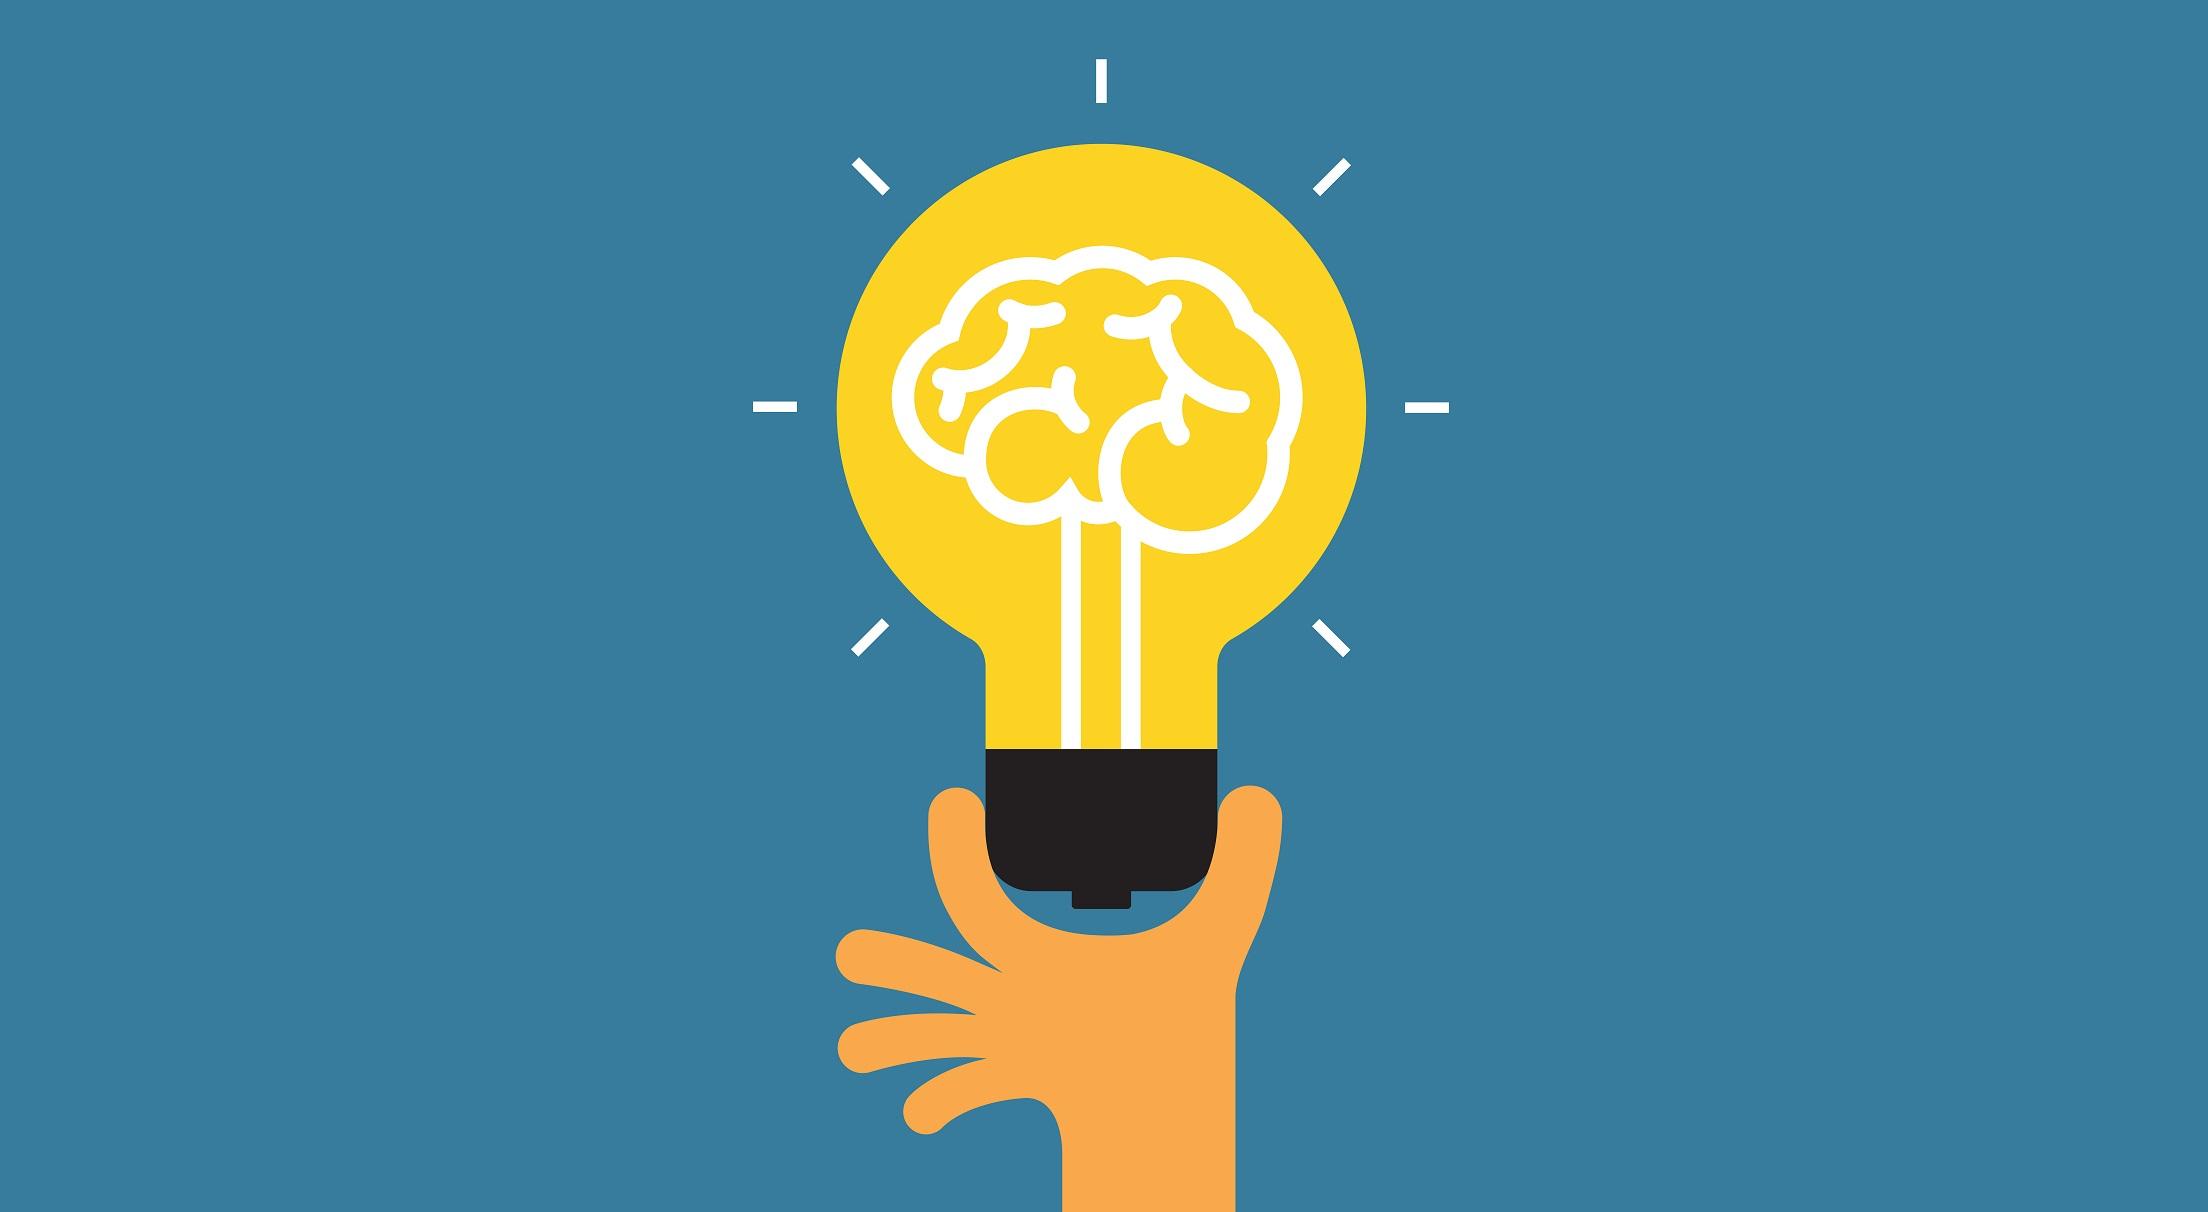 ¿Cómo nace una idea?